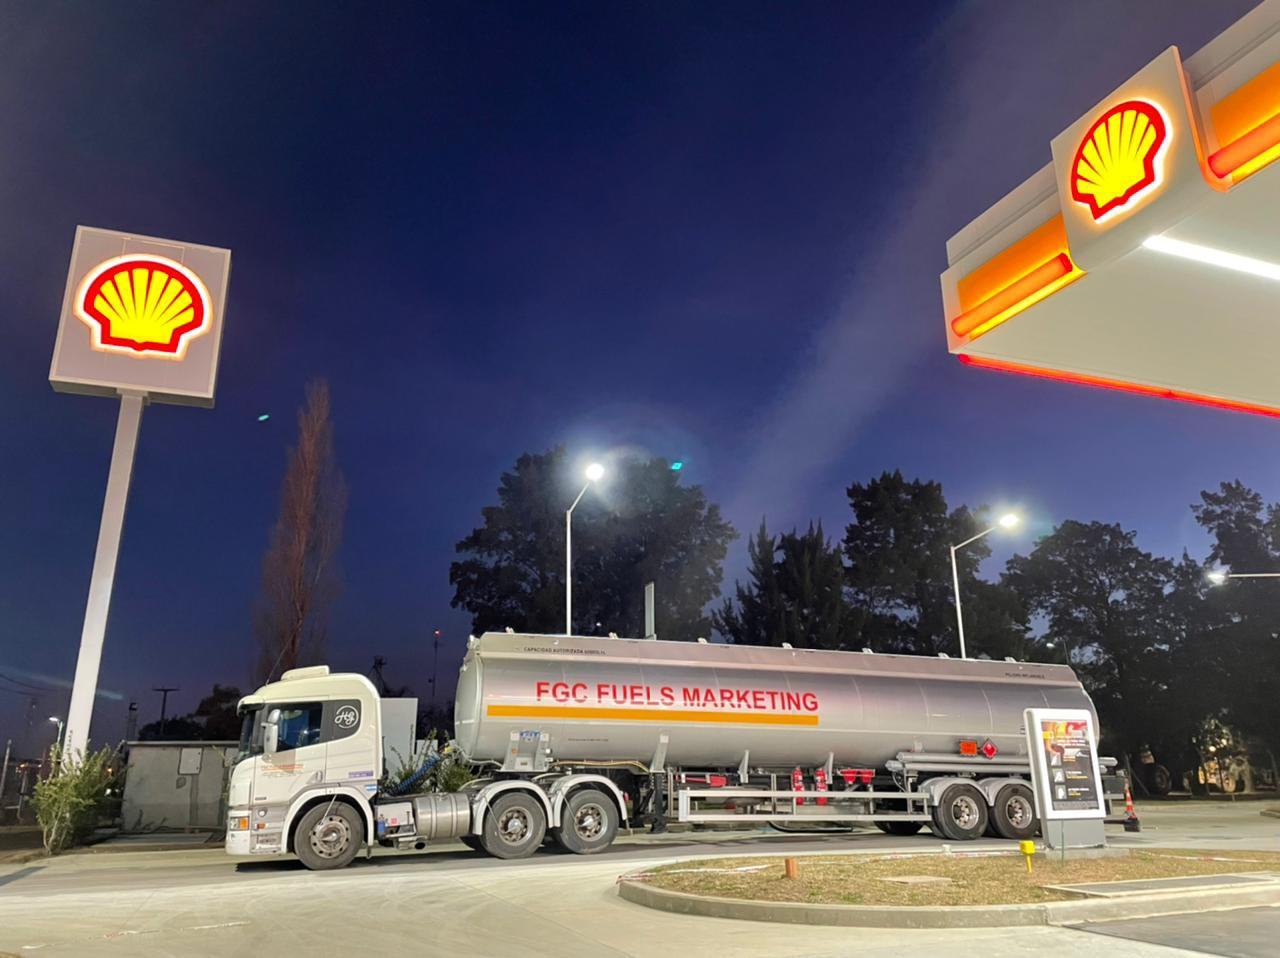 Ya no es pasar, ahora es ir: ¿Cómo es el modelo de Tiendas de Convivencia que desembarcó junto a la nueva Shell?